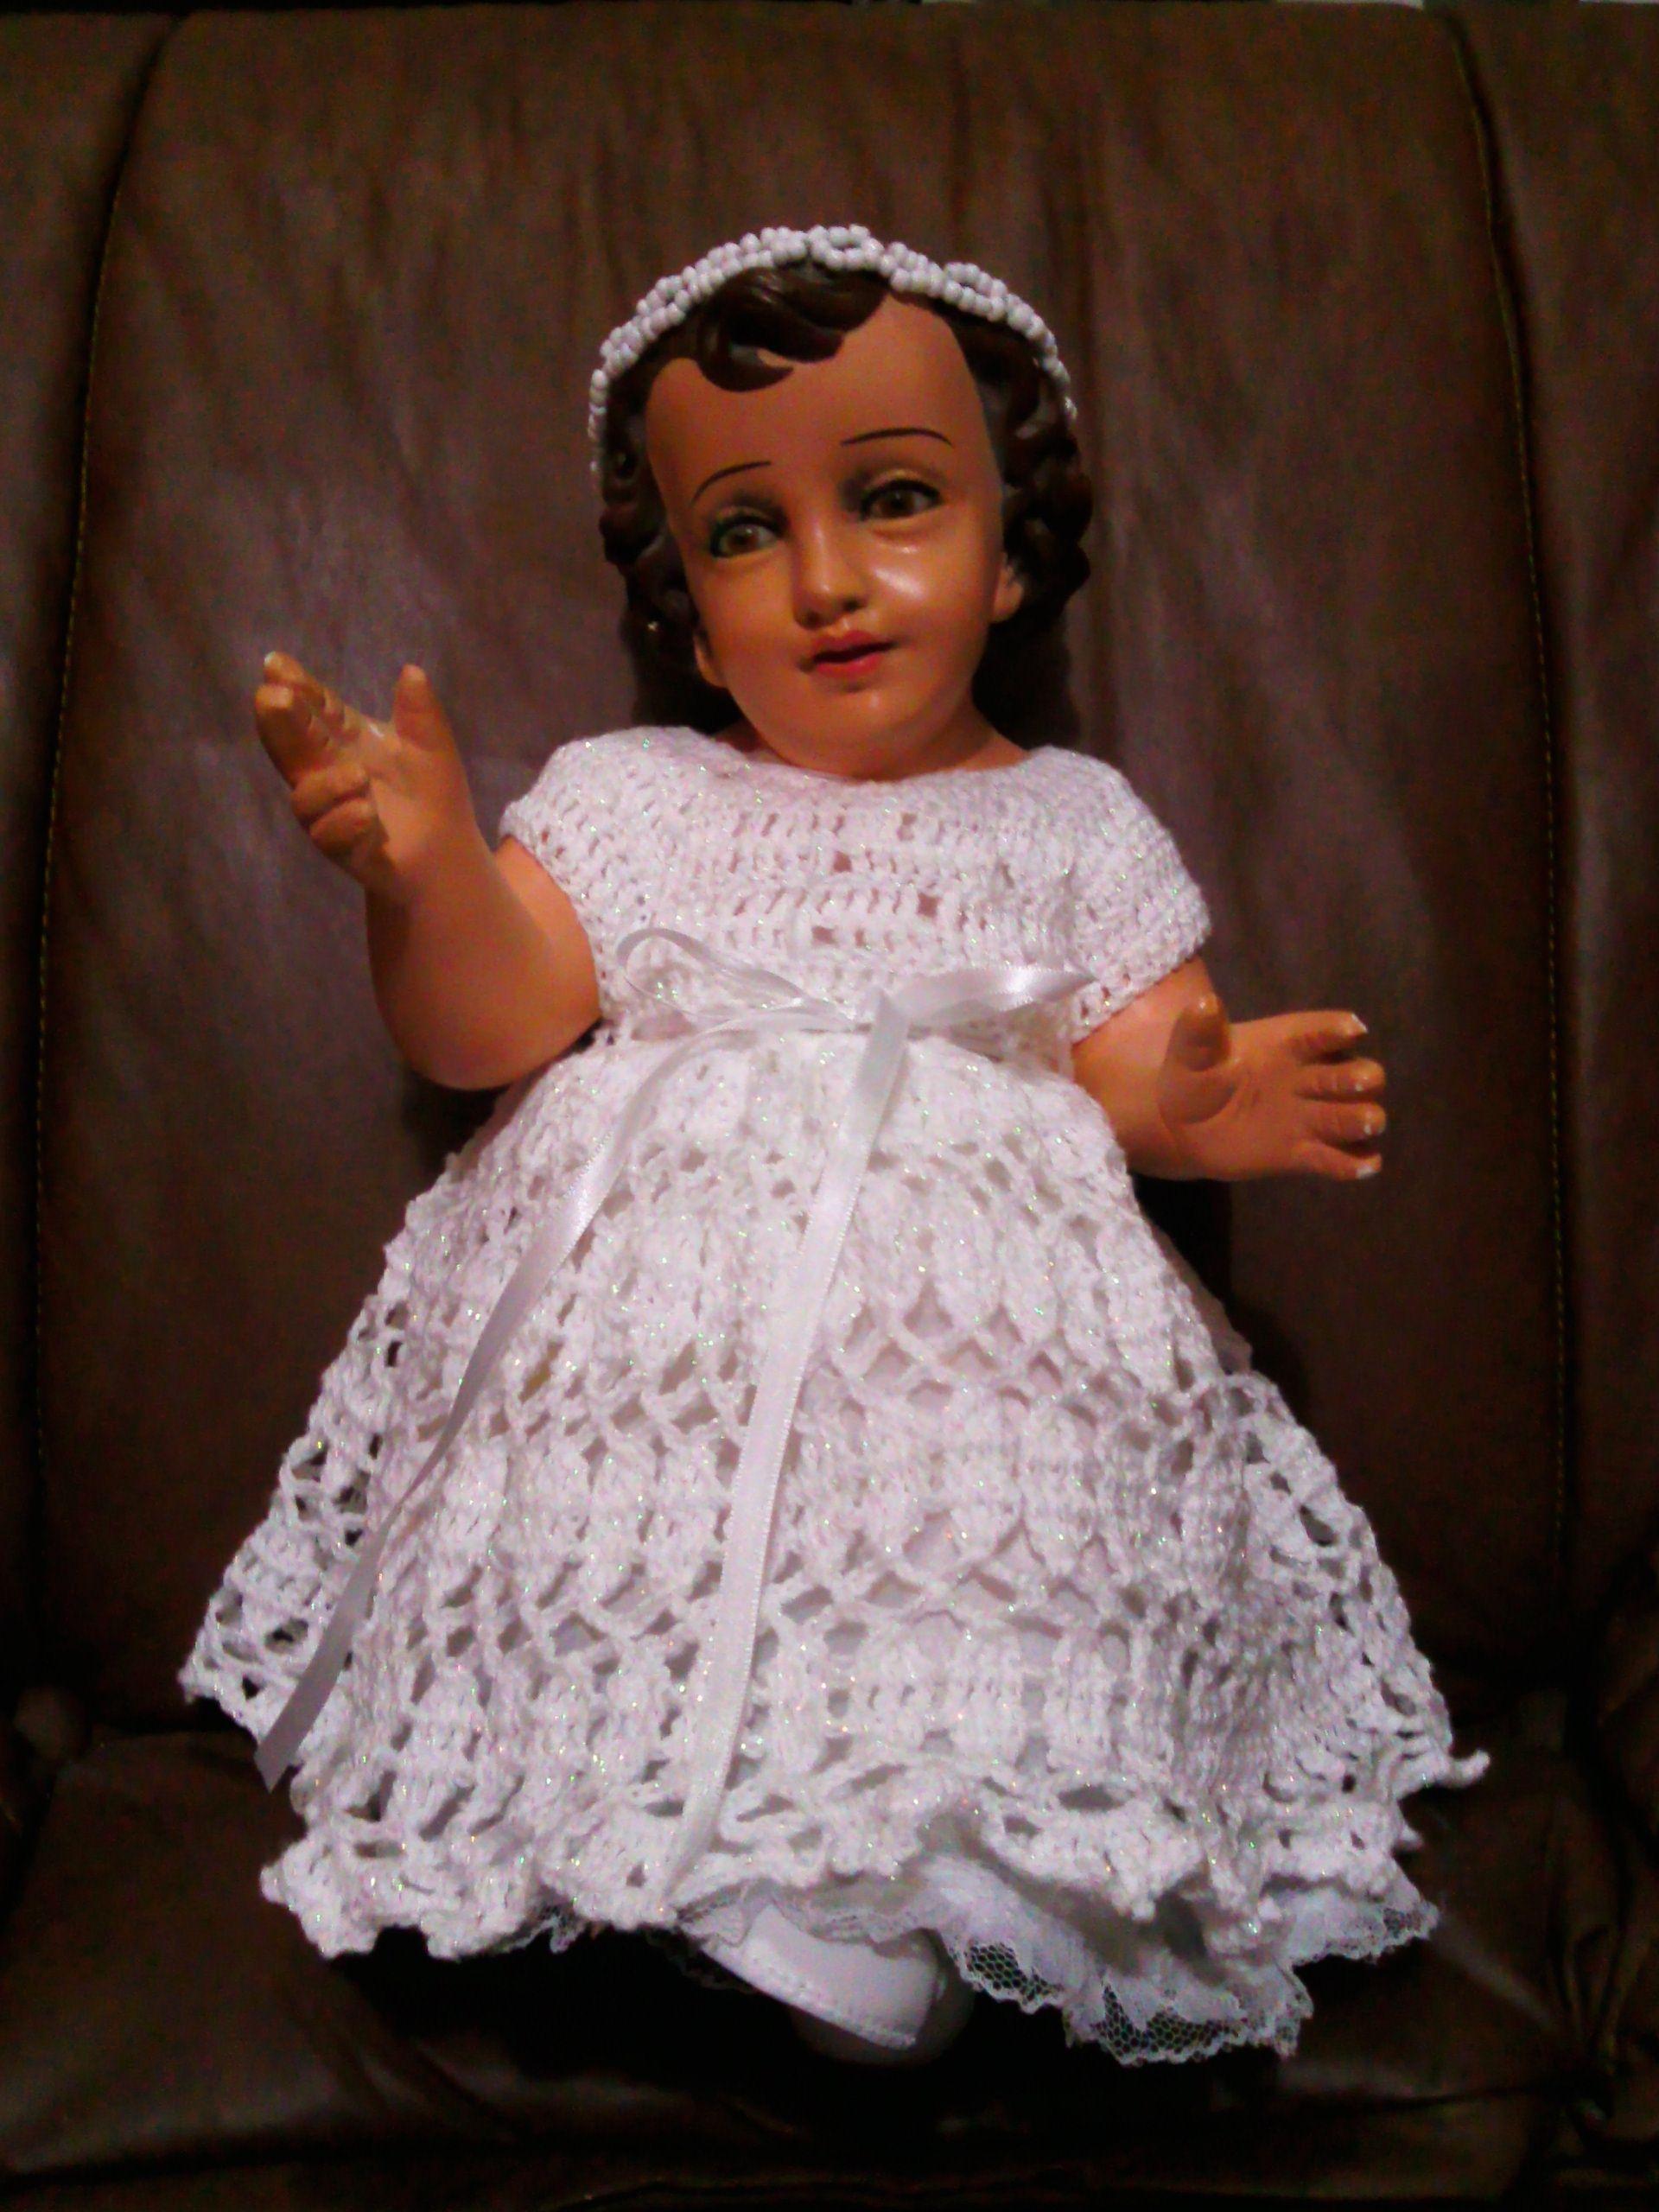 Crochet Vestido Niño Dios Angelik Niño Dios Vestido